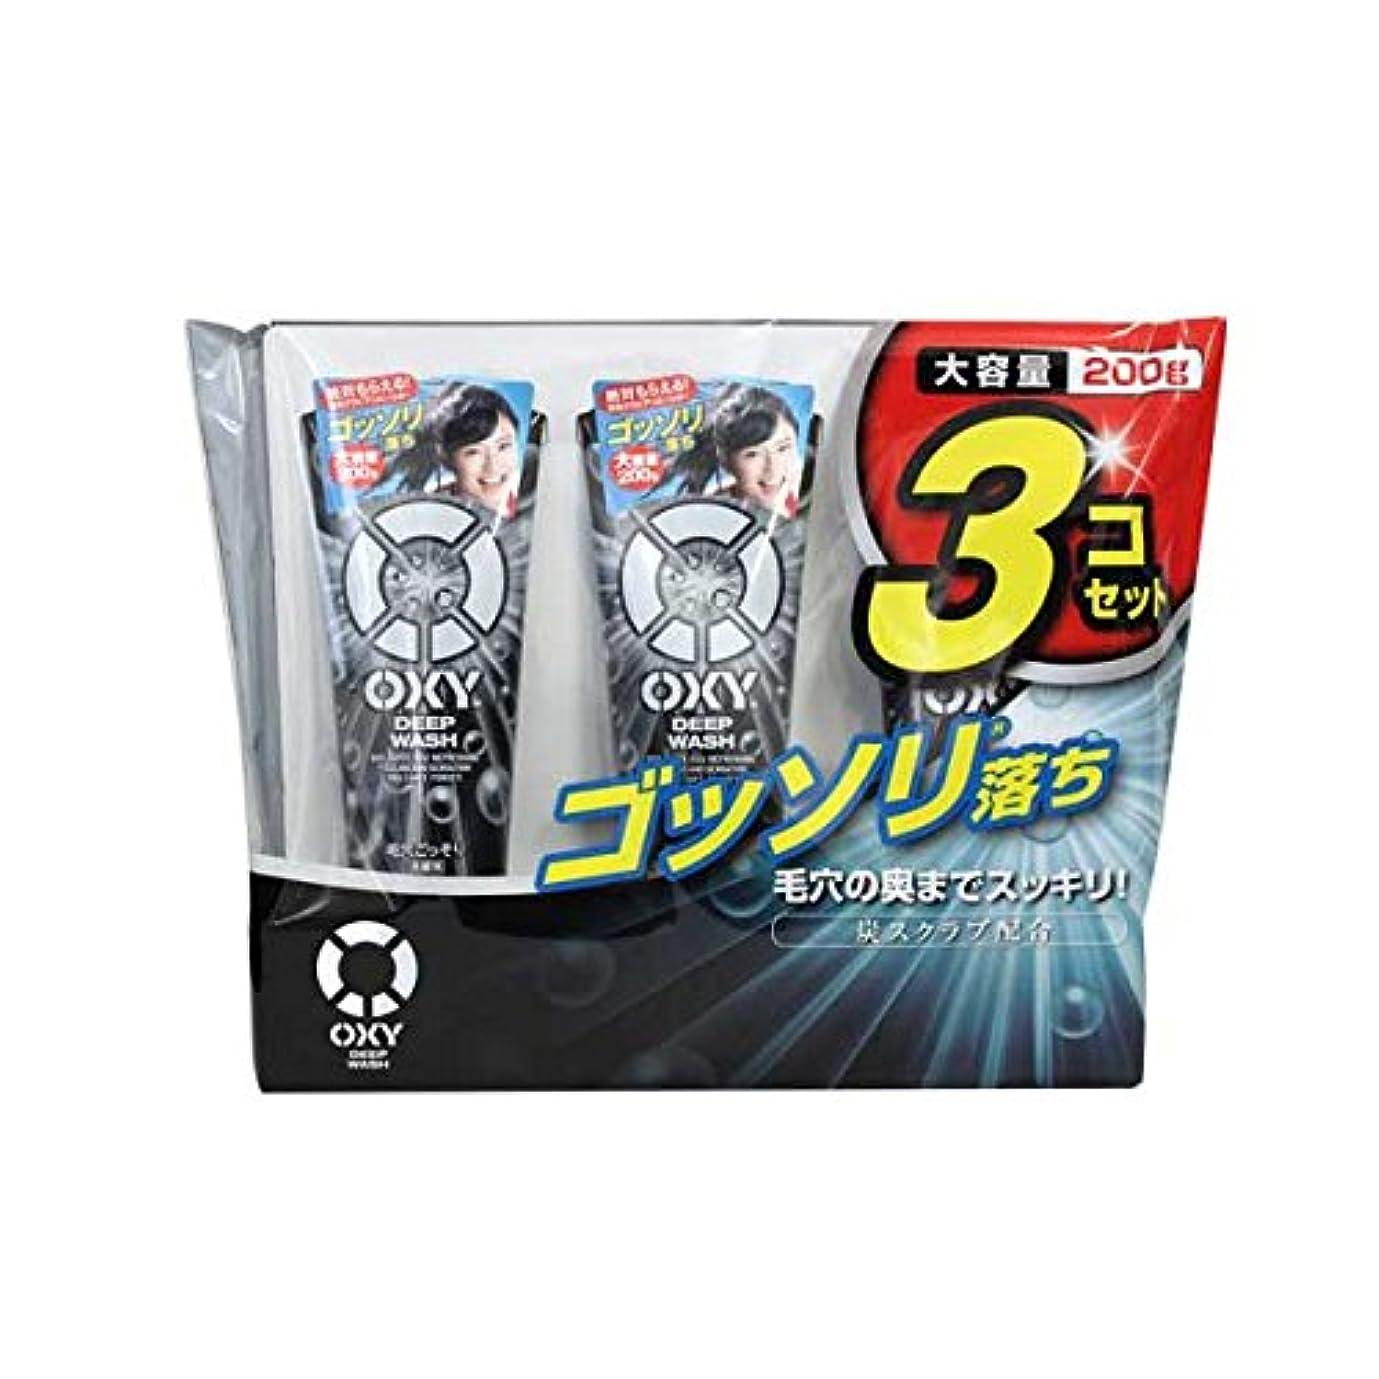 スイッチフォーラム機関OXY 炭スクラブ洗顔料 大容量 200gx3本